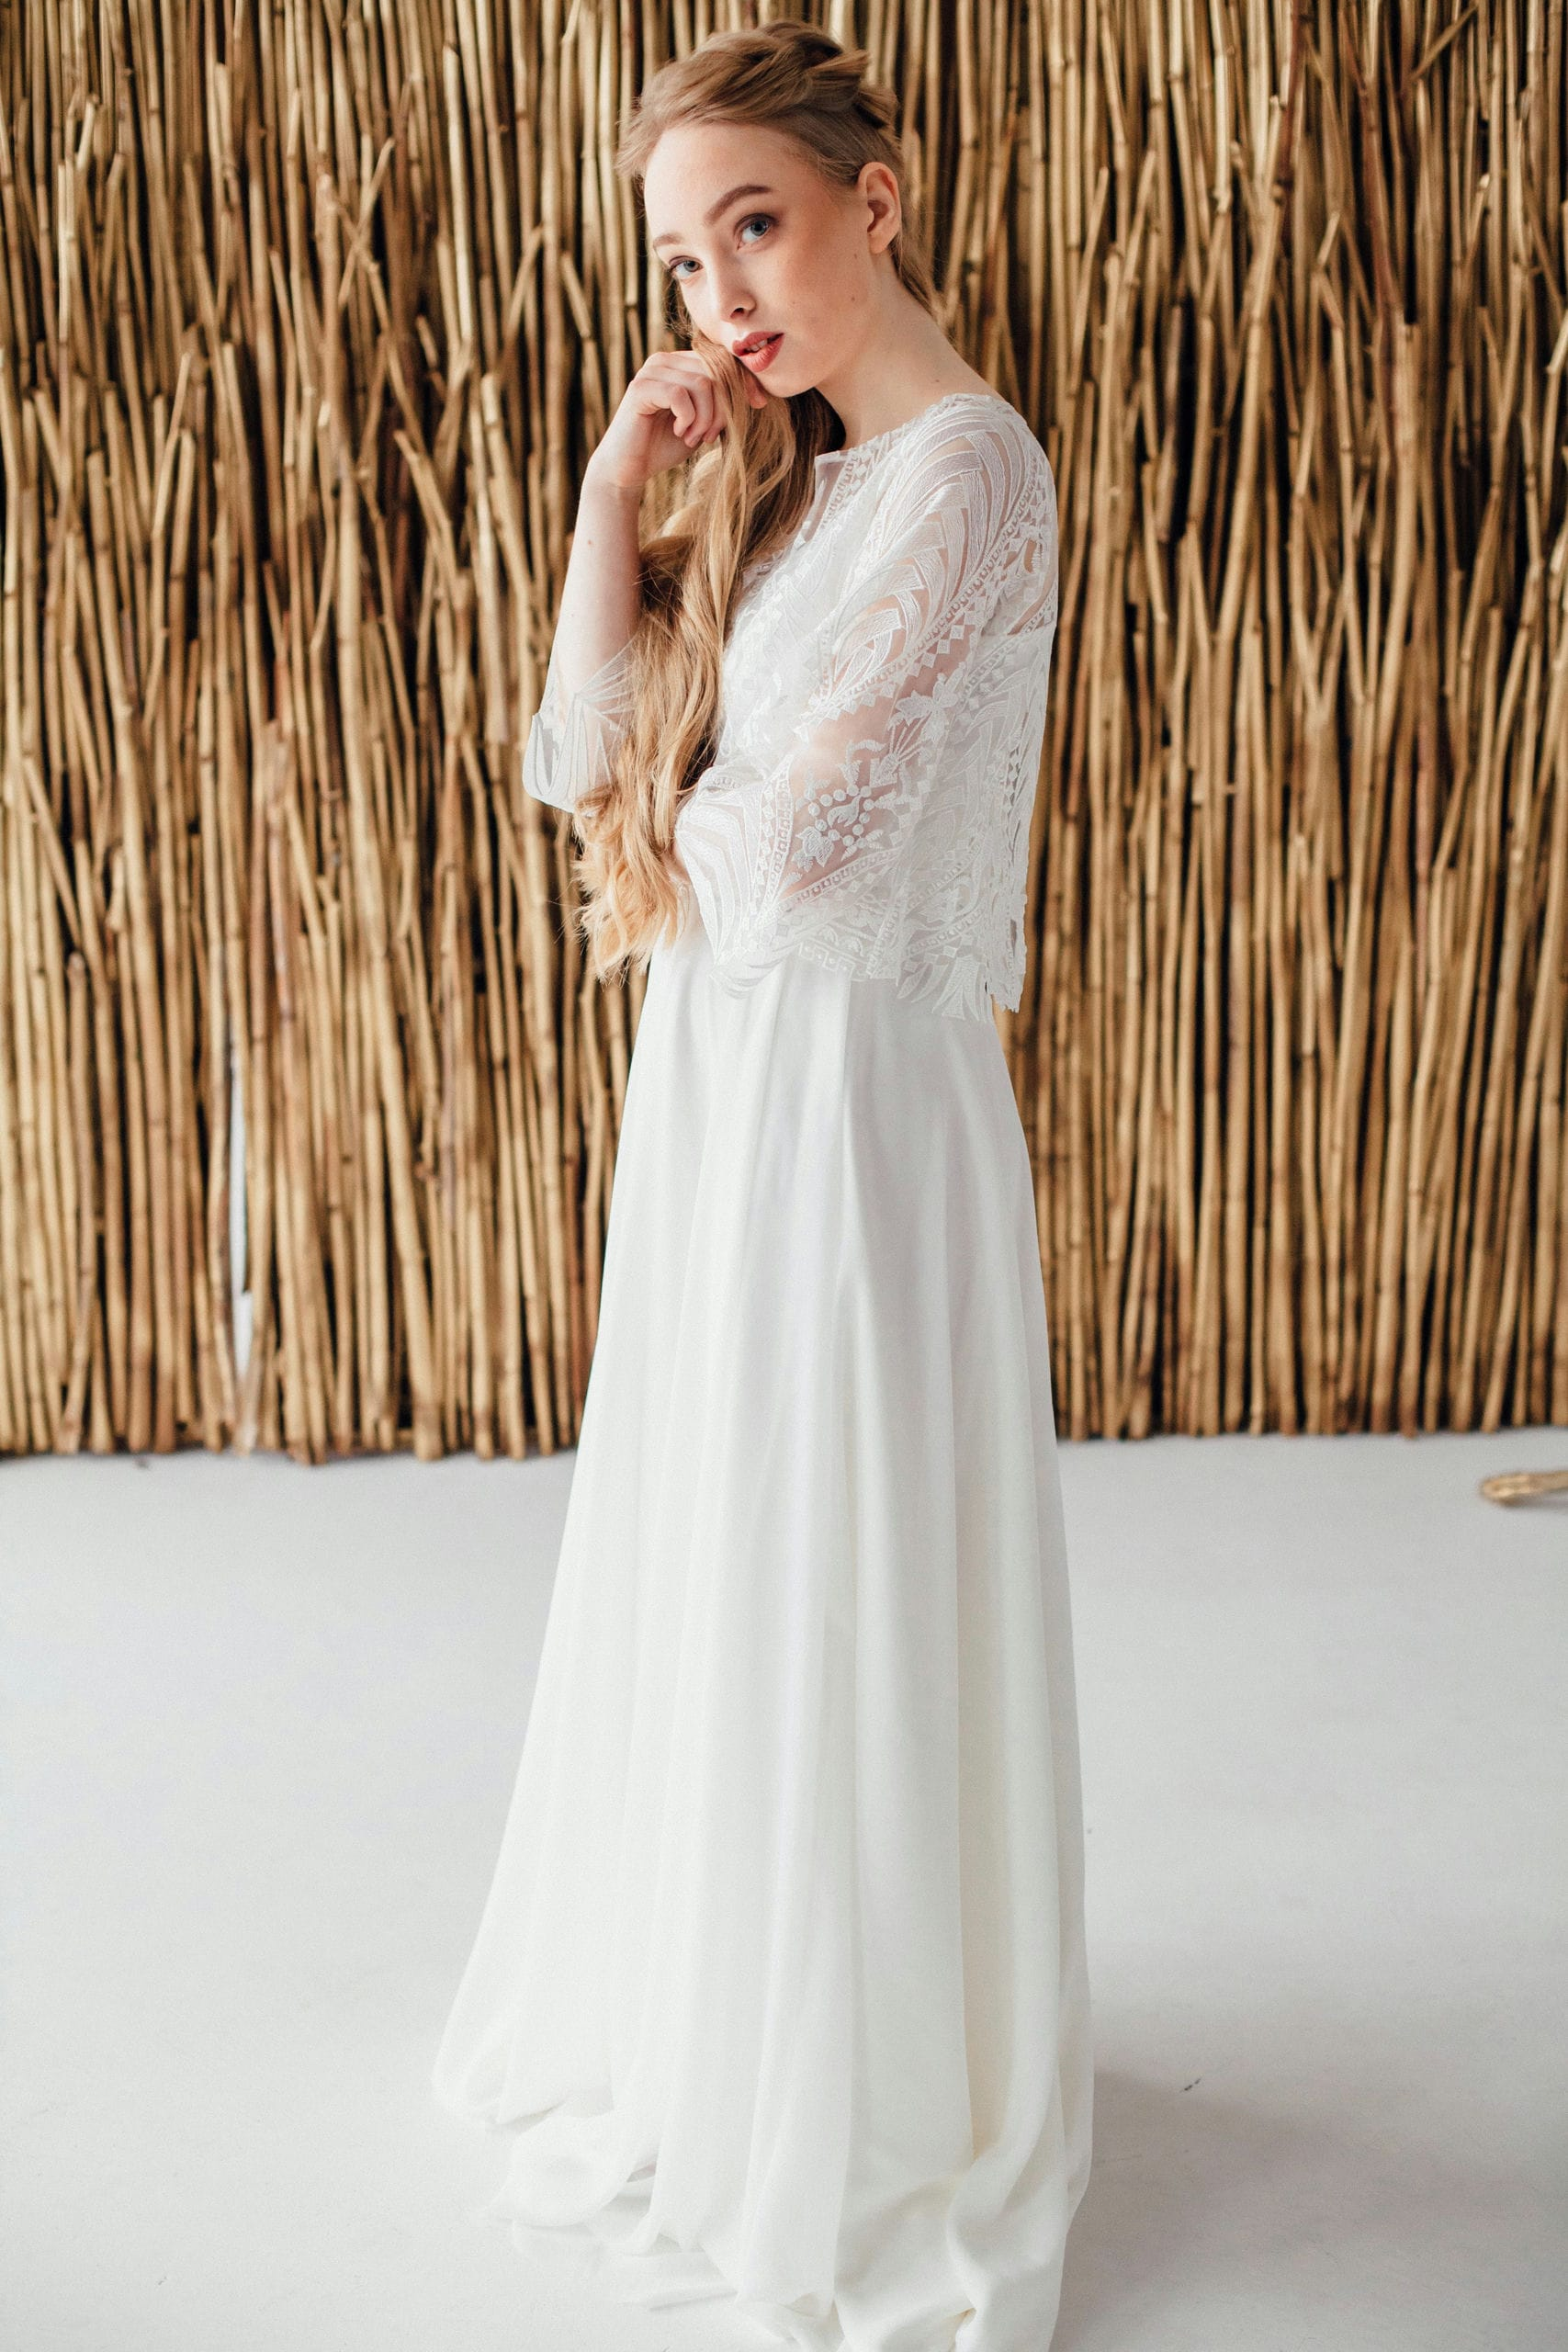 Свадебное платье CHRIS, коллекция MAGIC OF TENDERNESS, бренд LORA SONG, фото 1